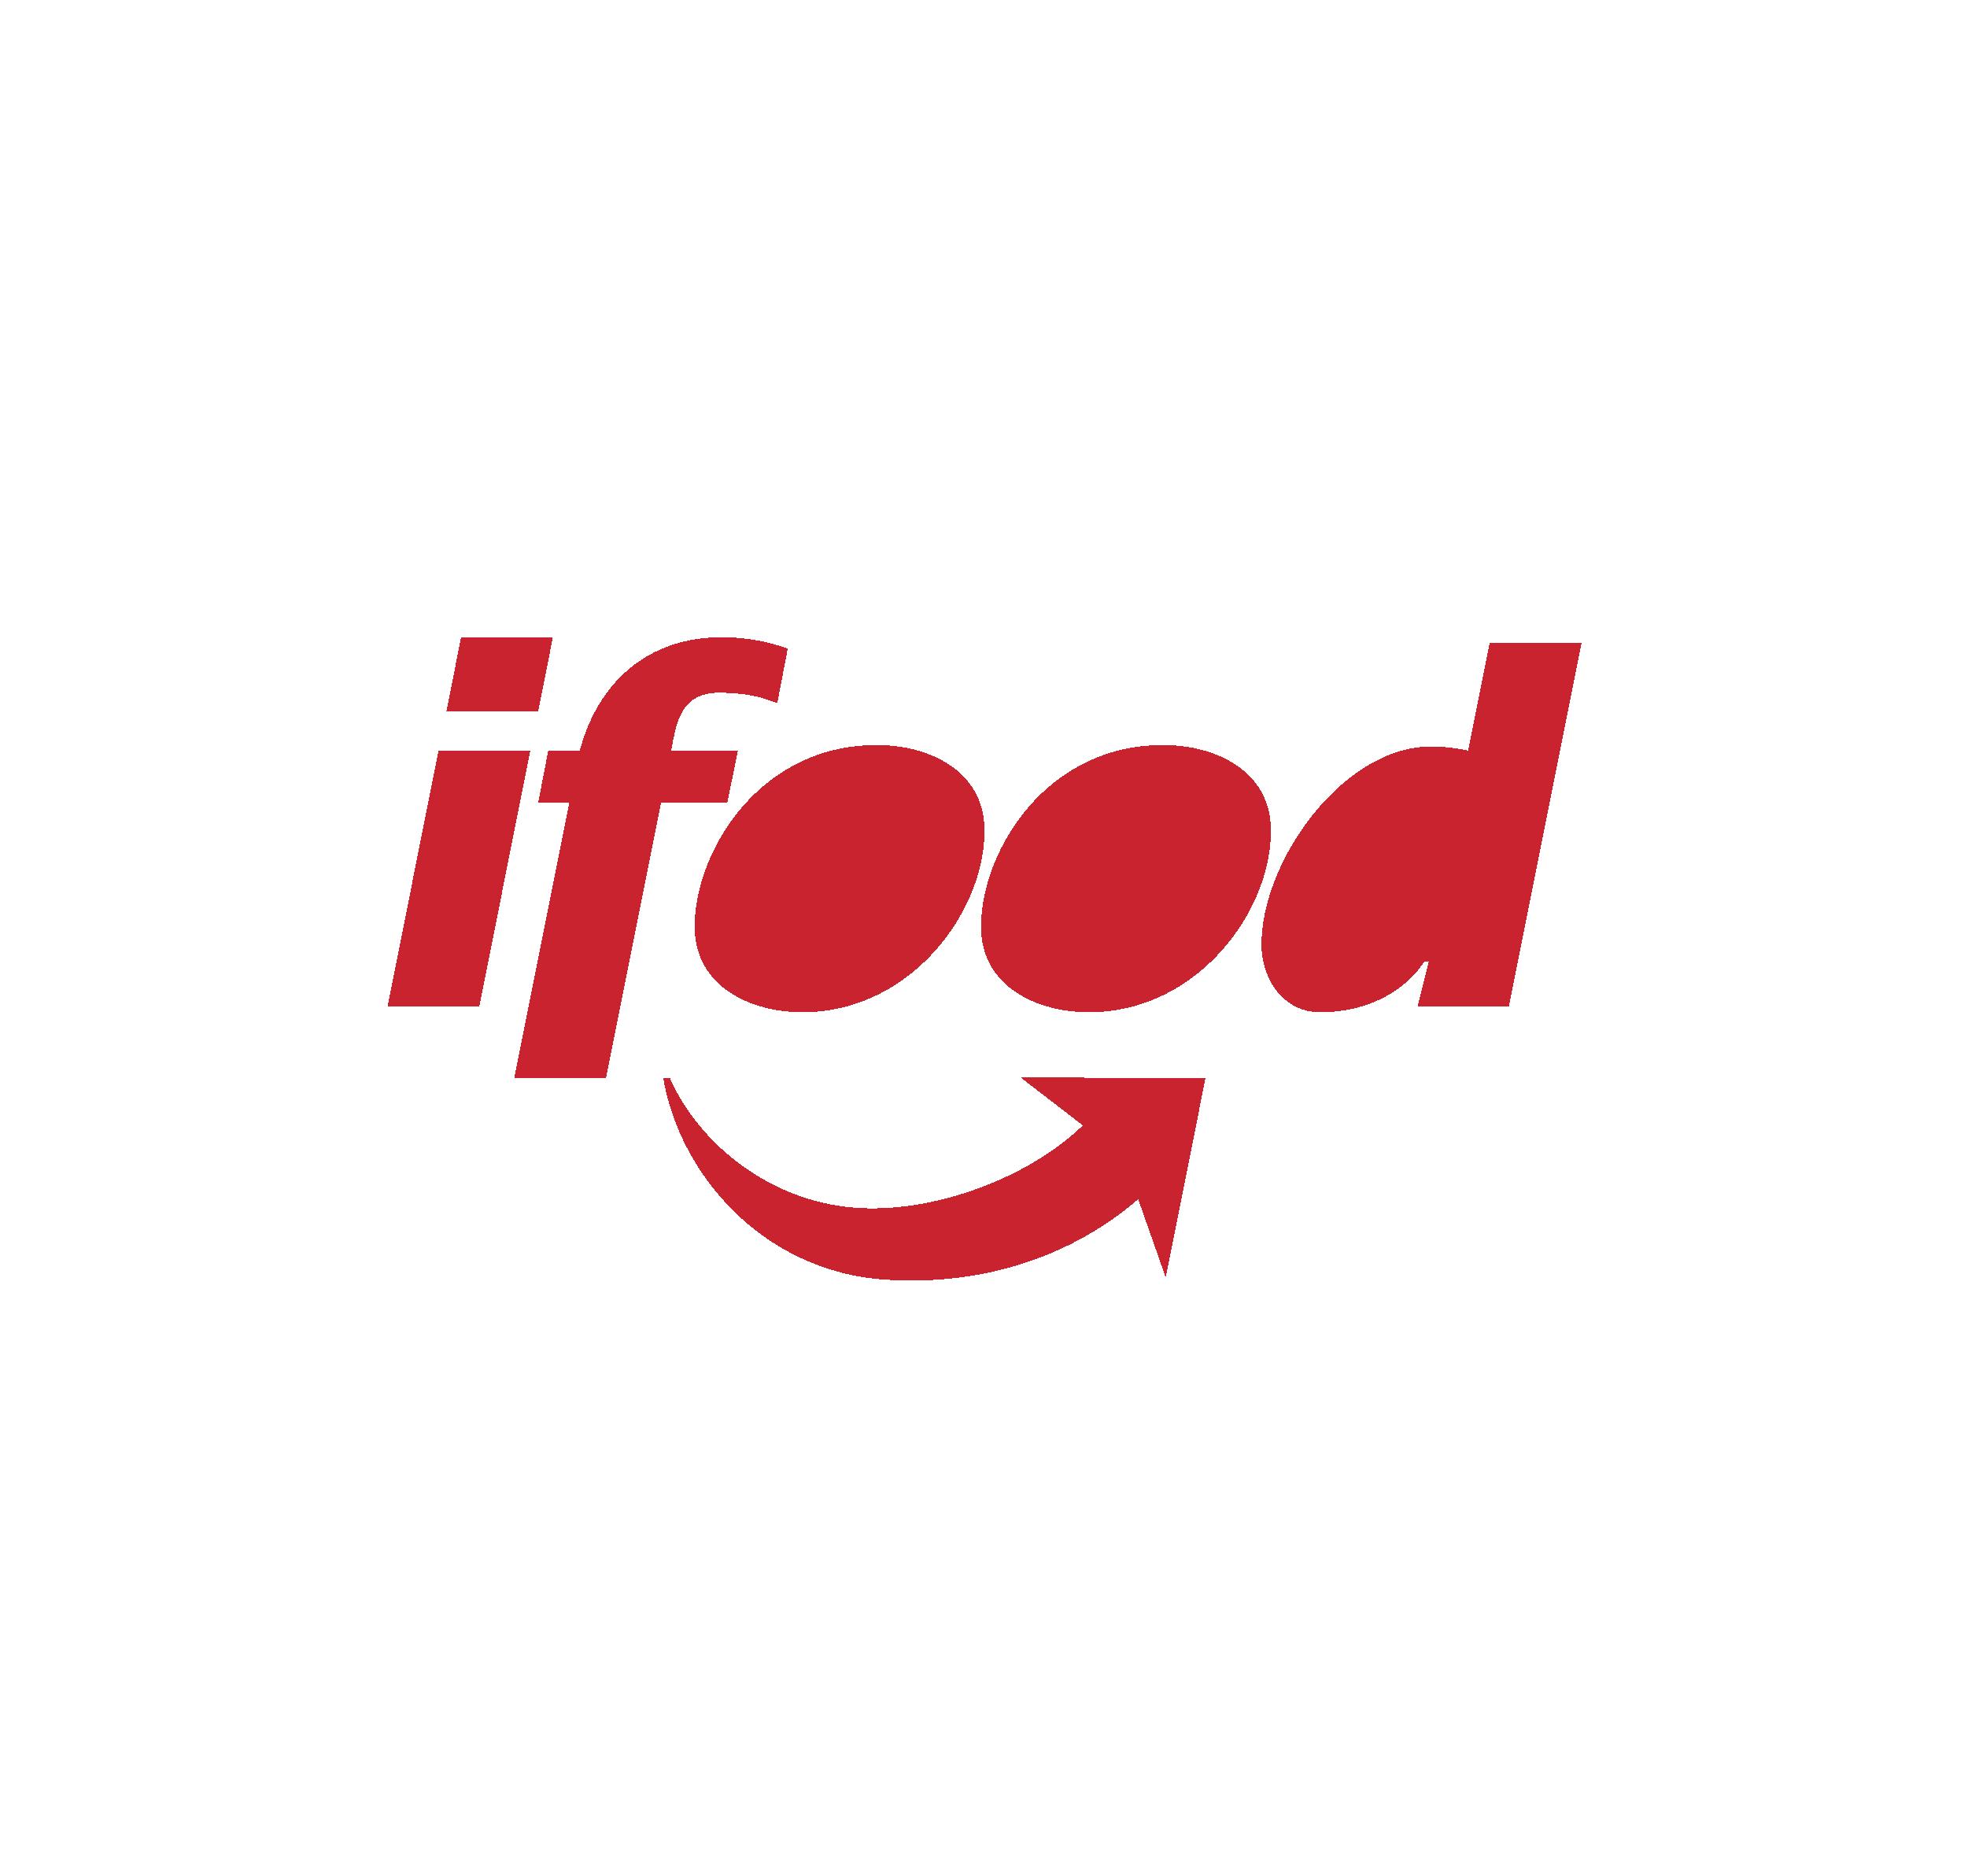 https://0201.nccdn.net/1_2/000/000/197/940/logo-ifood_rojo.png